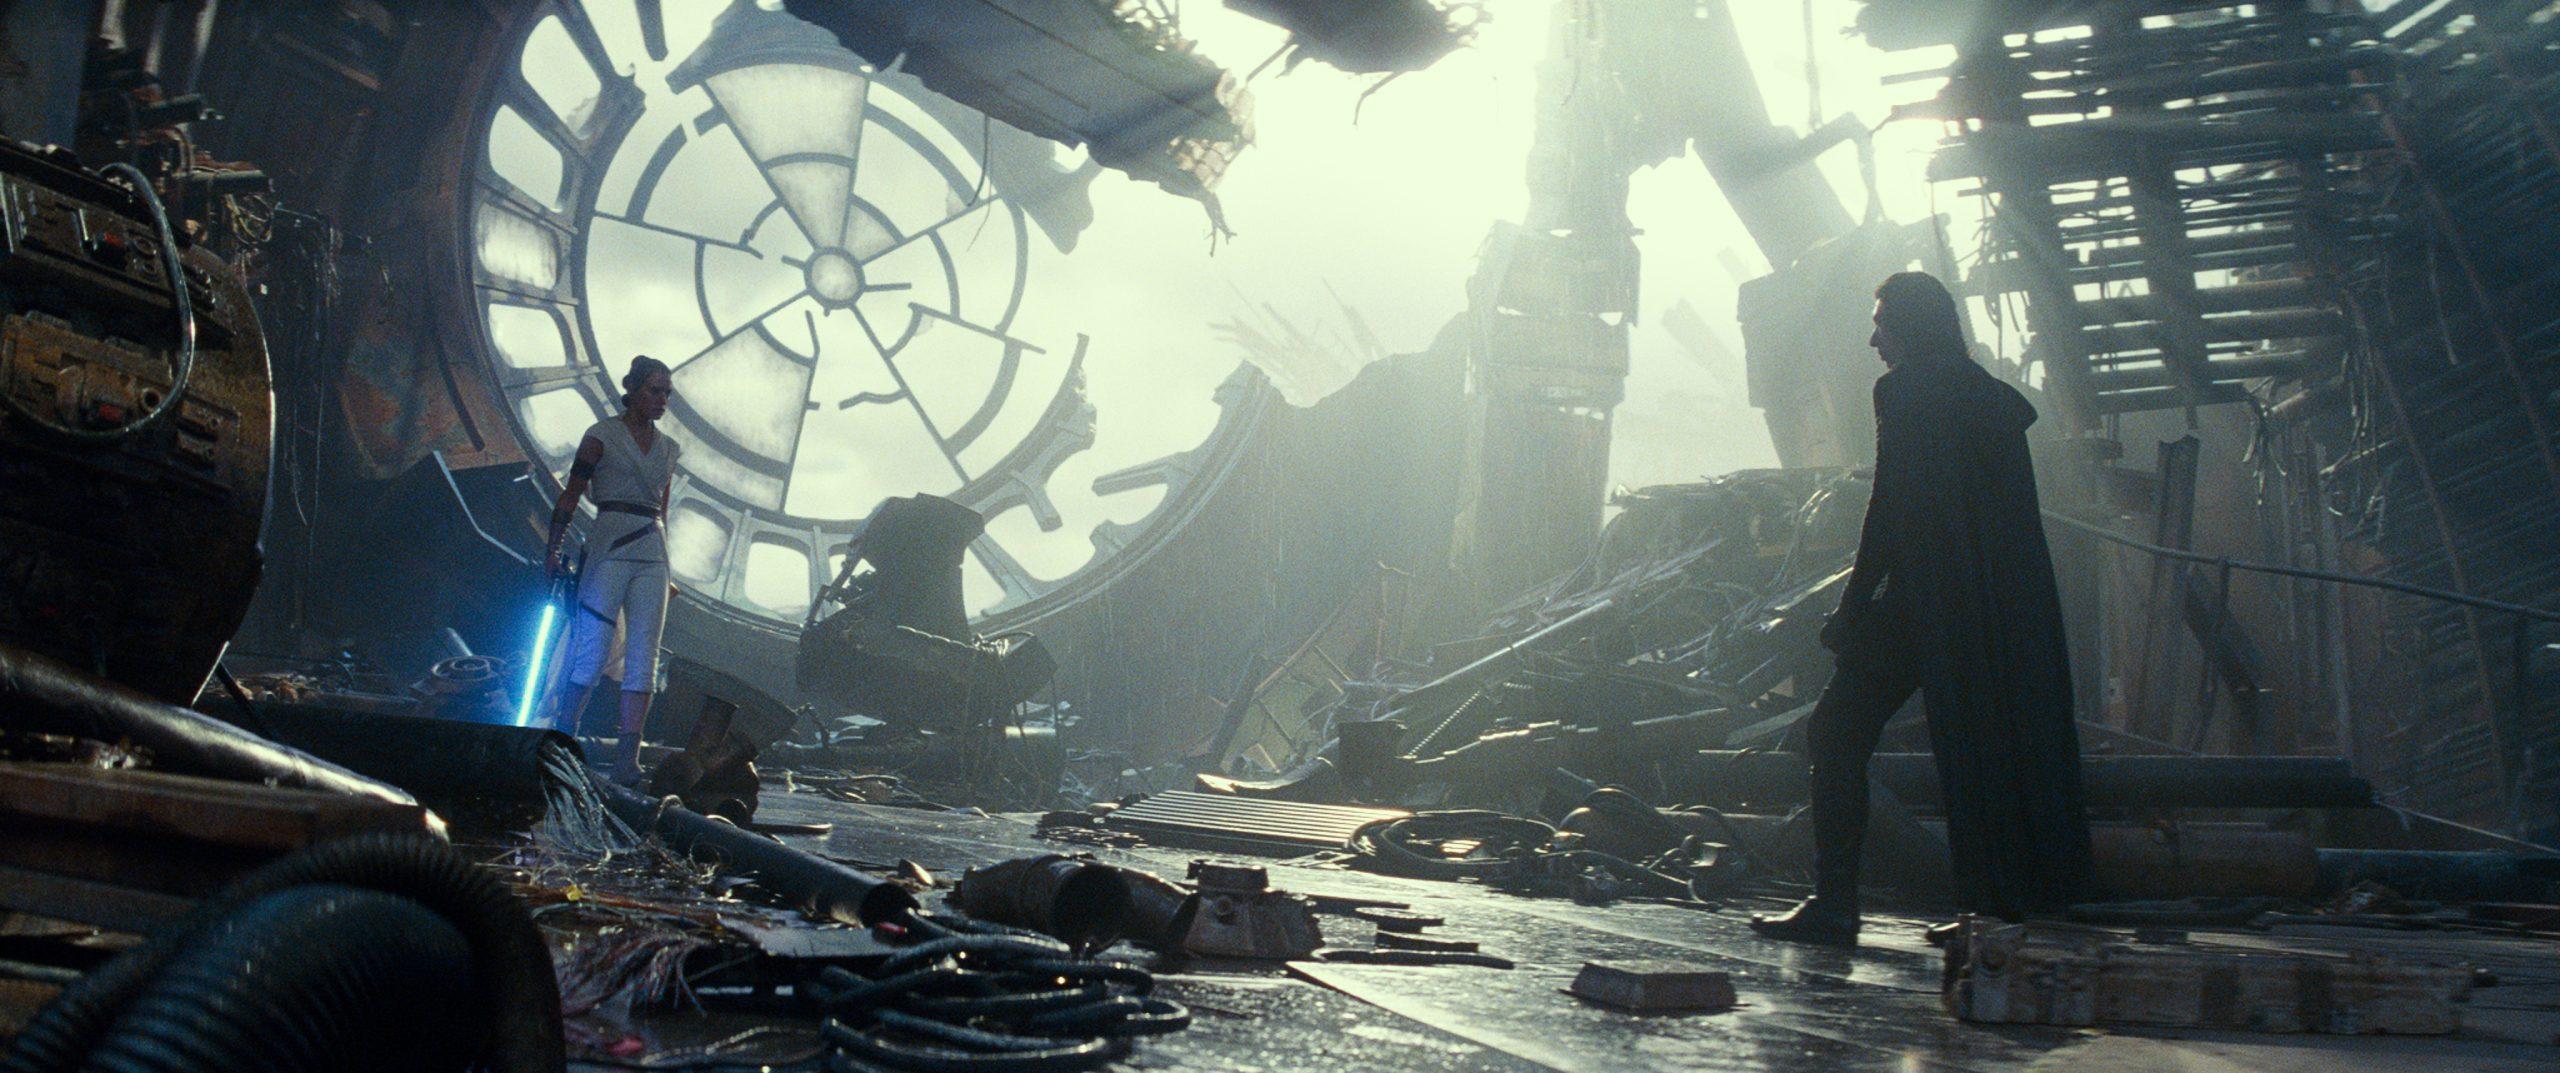 «Звёздные войны: Скайуокер. Восход» — для тех, кому не понравились «Последние джедаи» 2